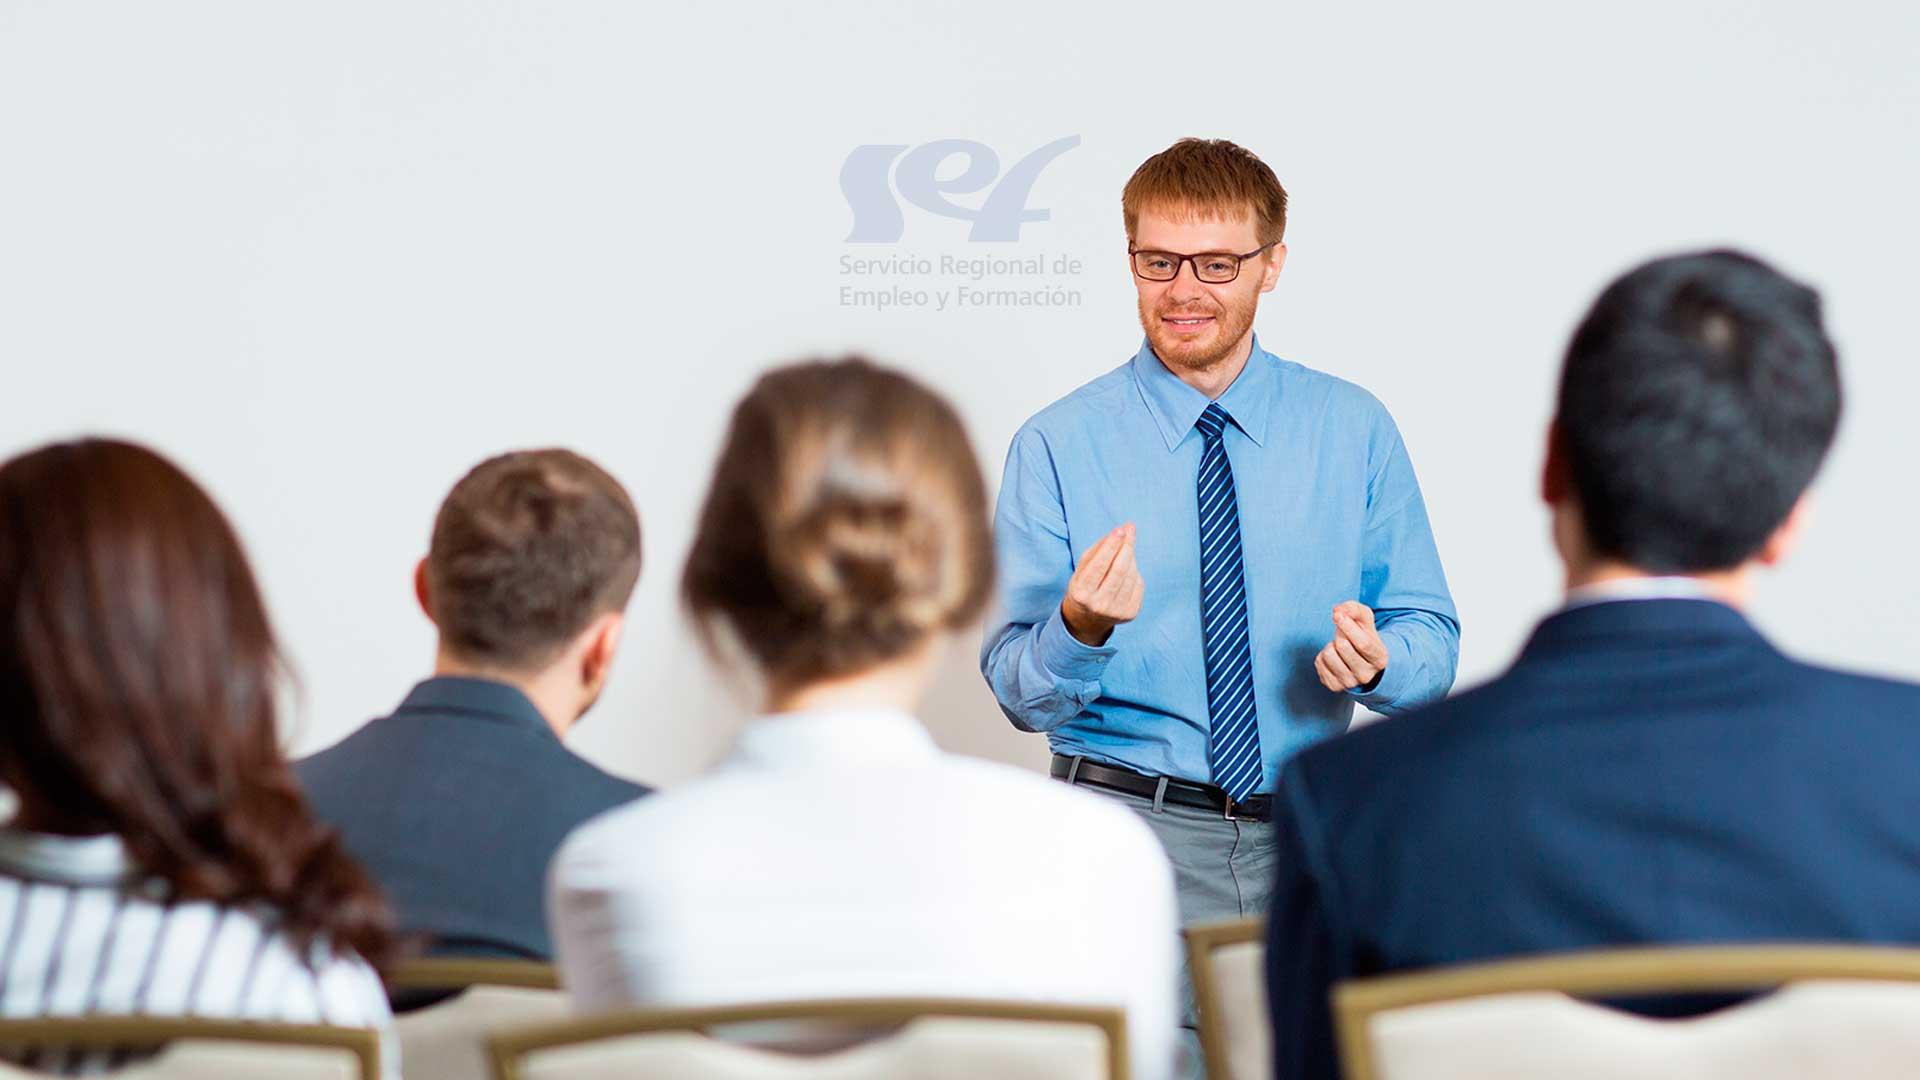 cursos-del-sef-consureste-consultoria-formacion-murcia